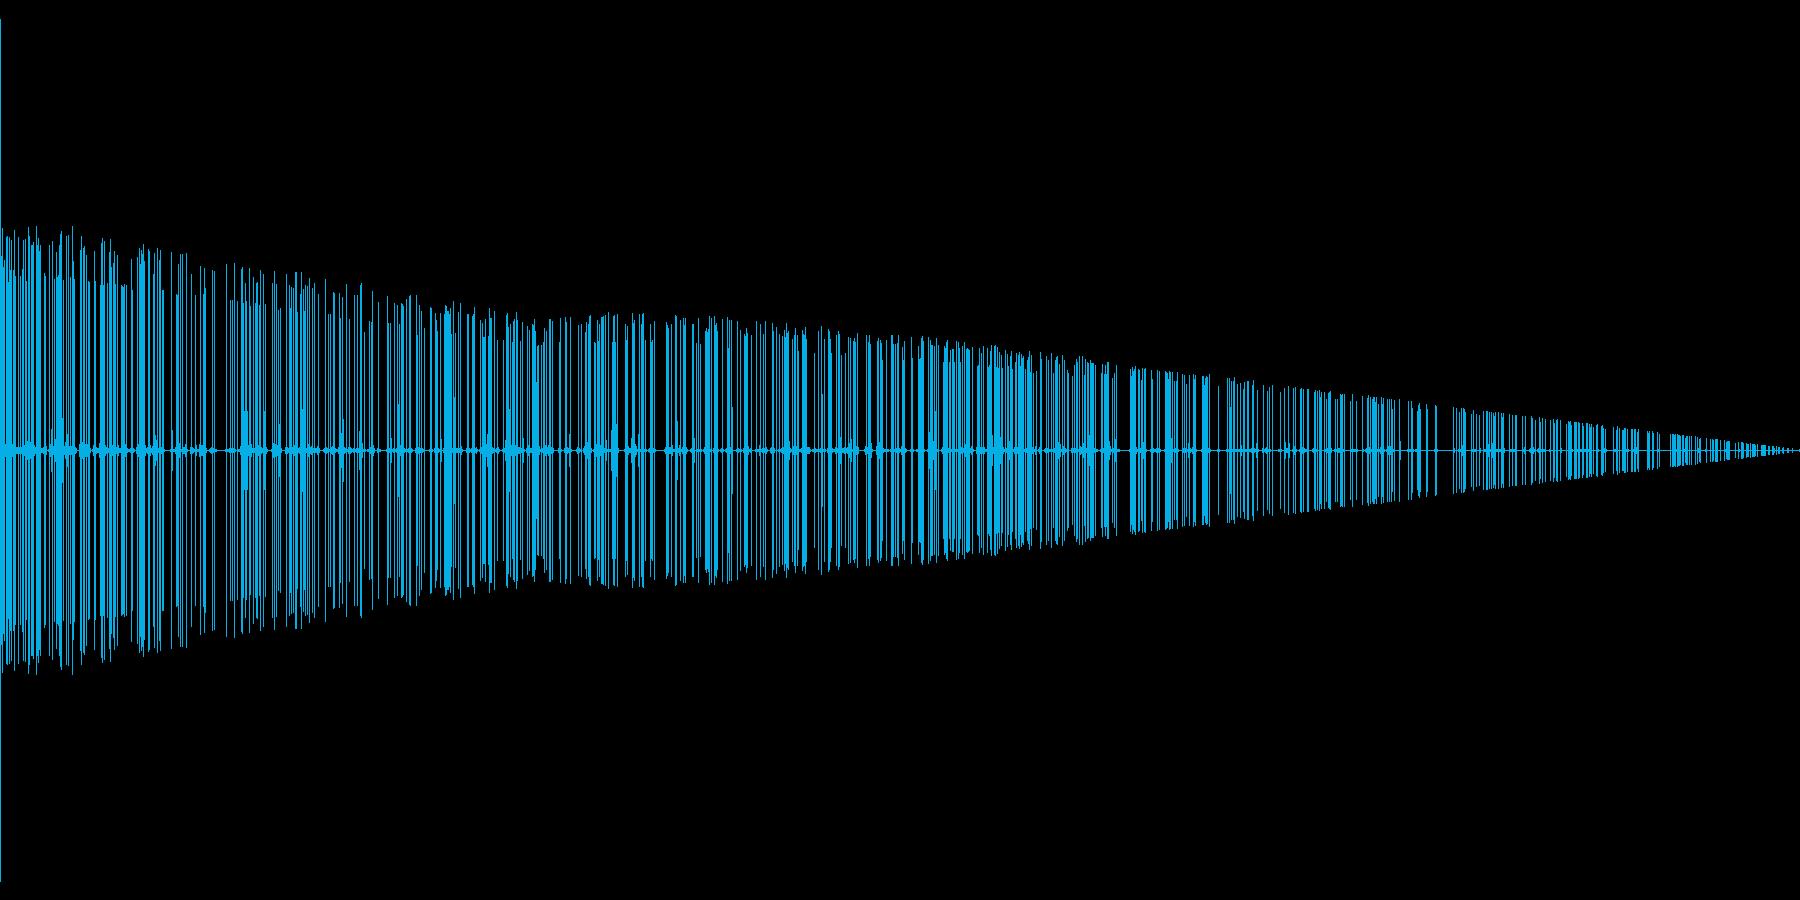 ノイズ音の再生済みの波形